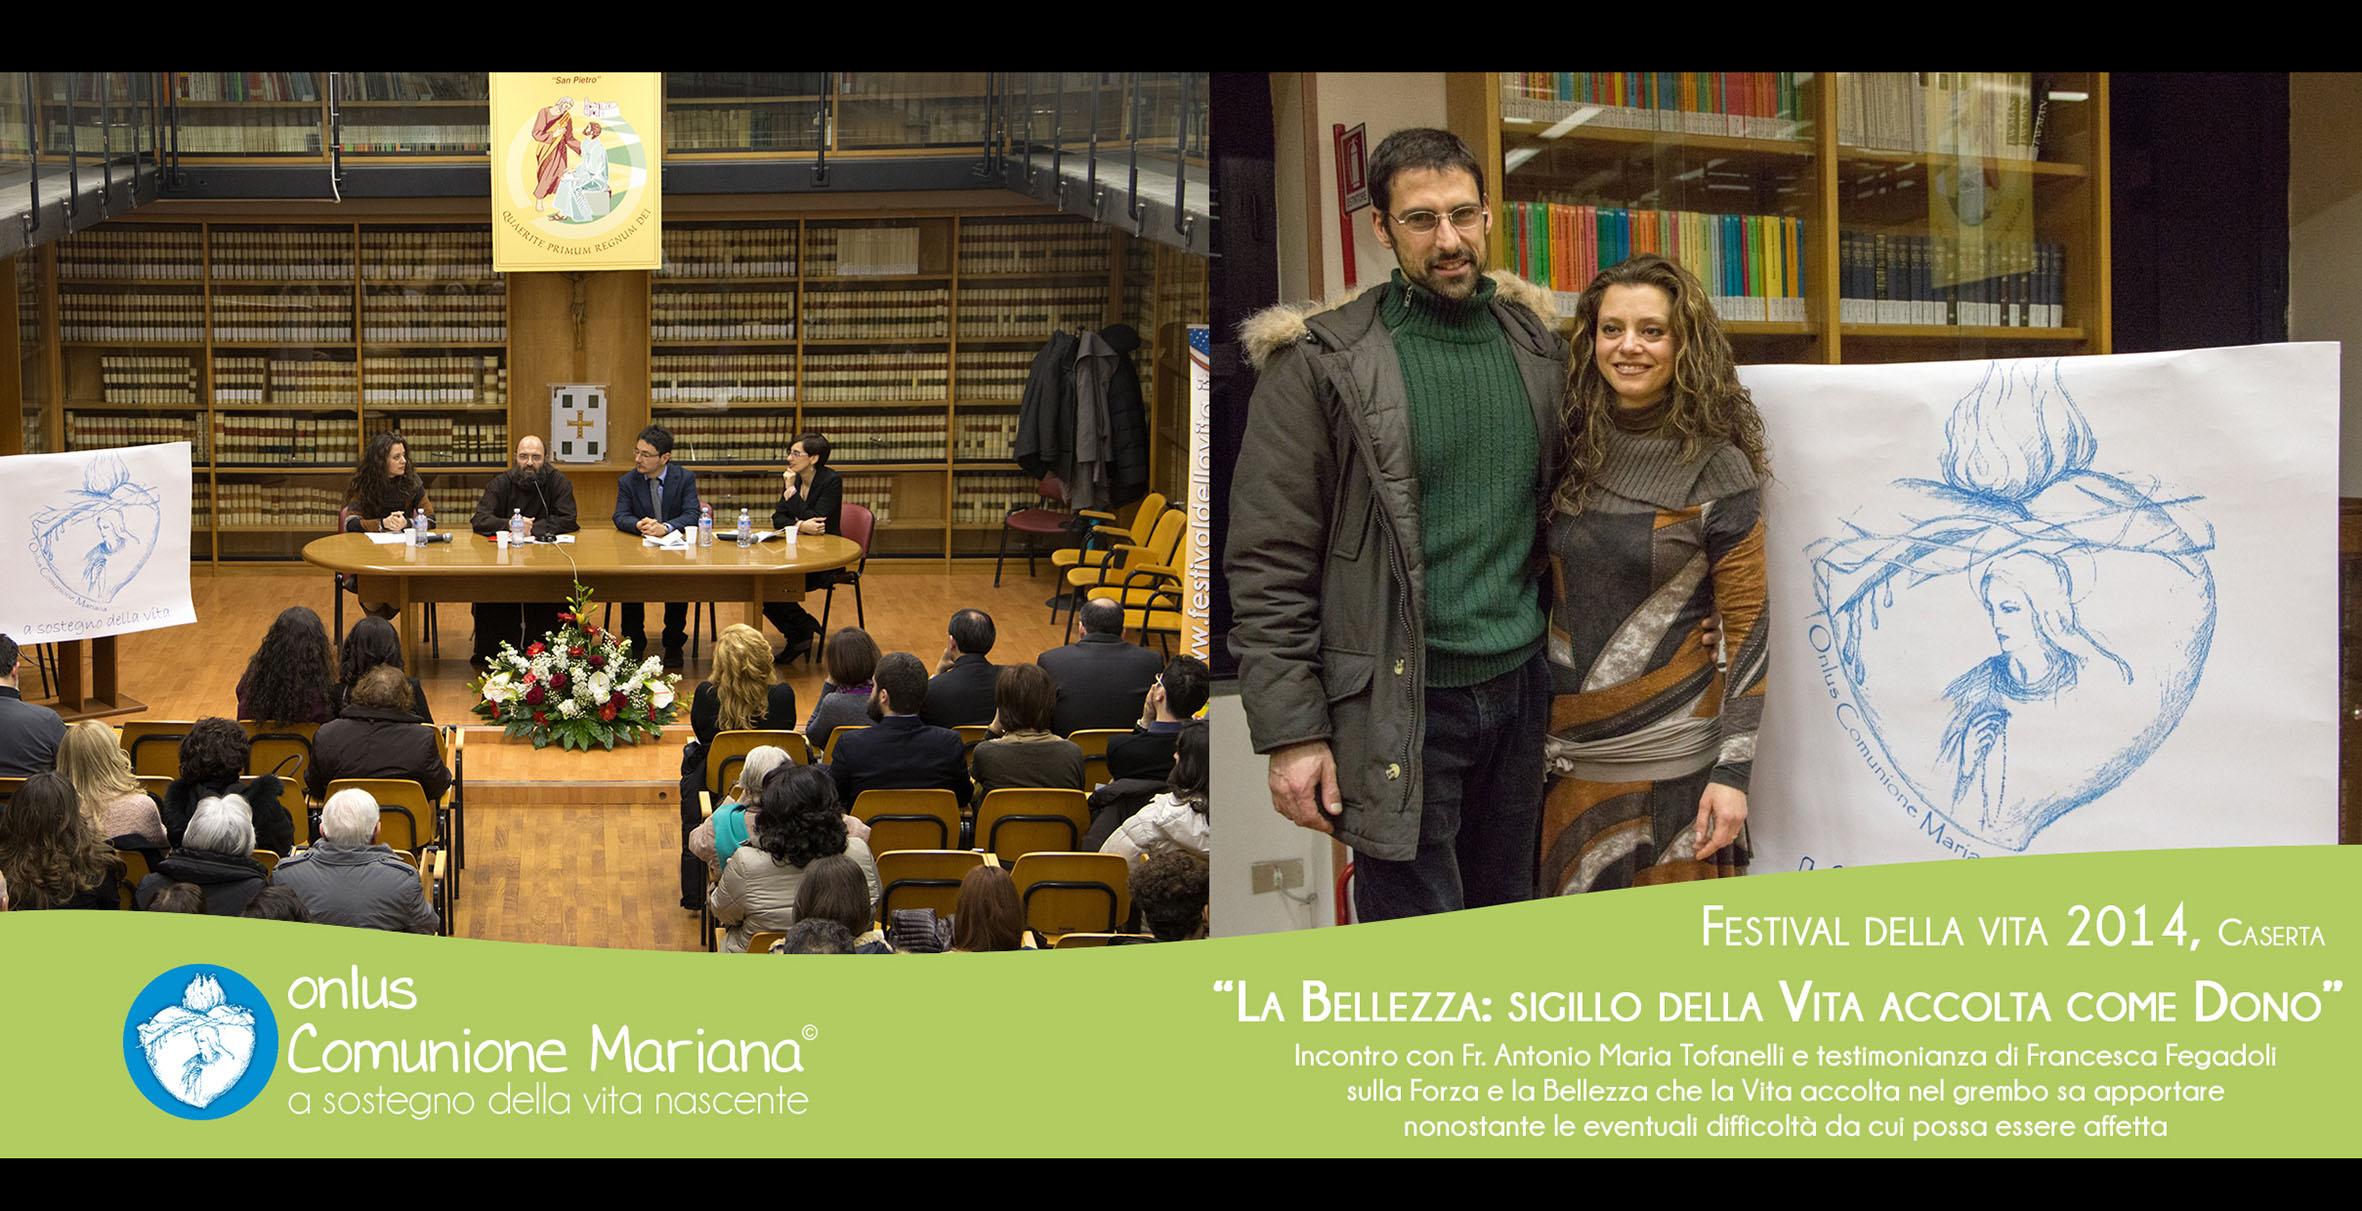 Onlus-Comunione-Mariana-GALLERY-3